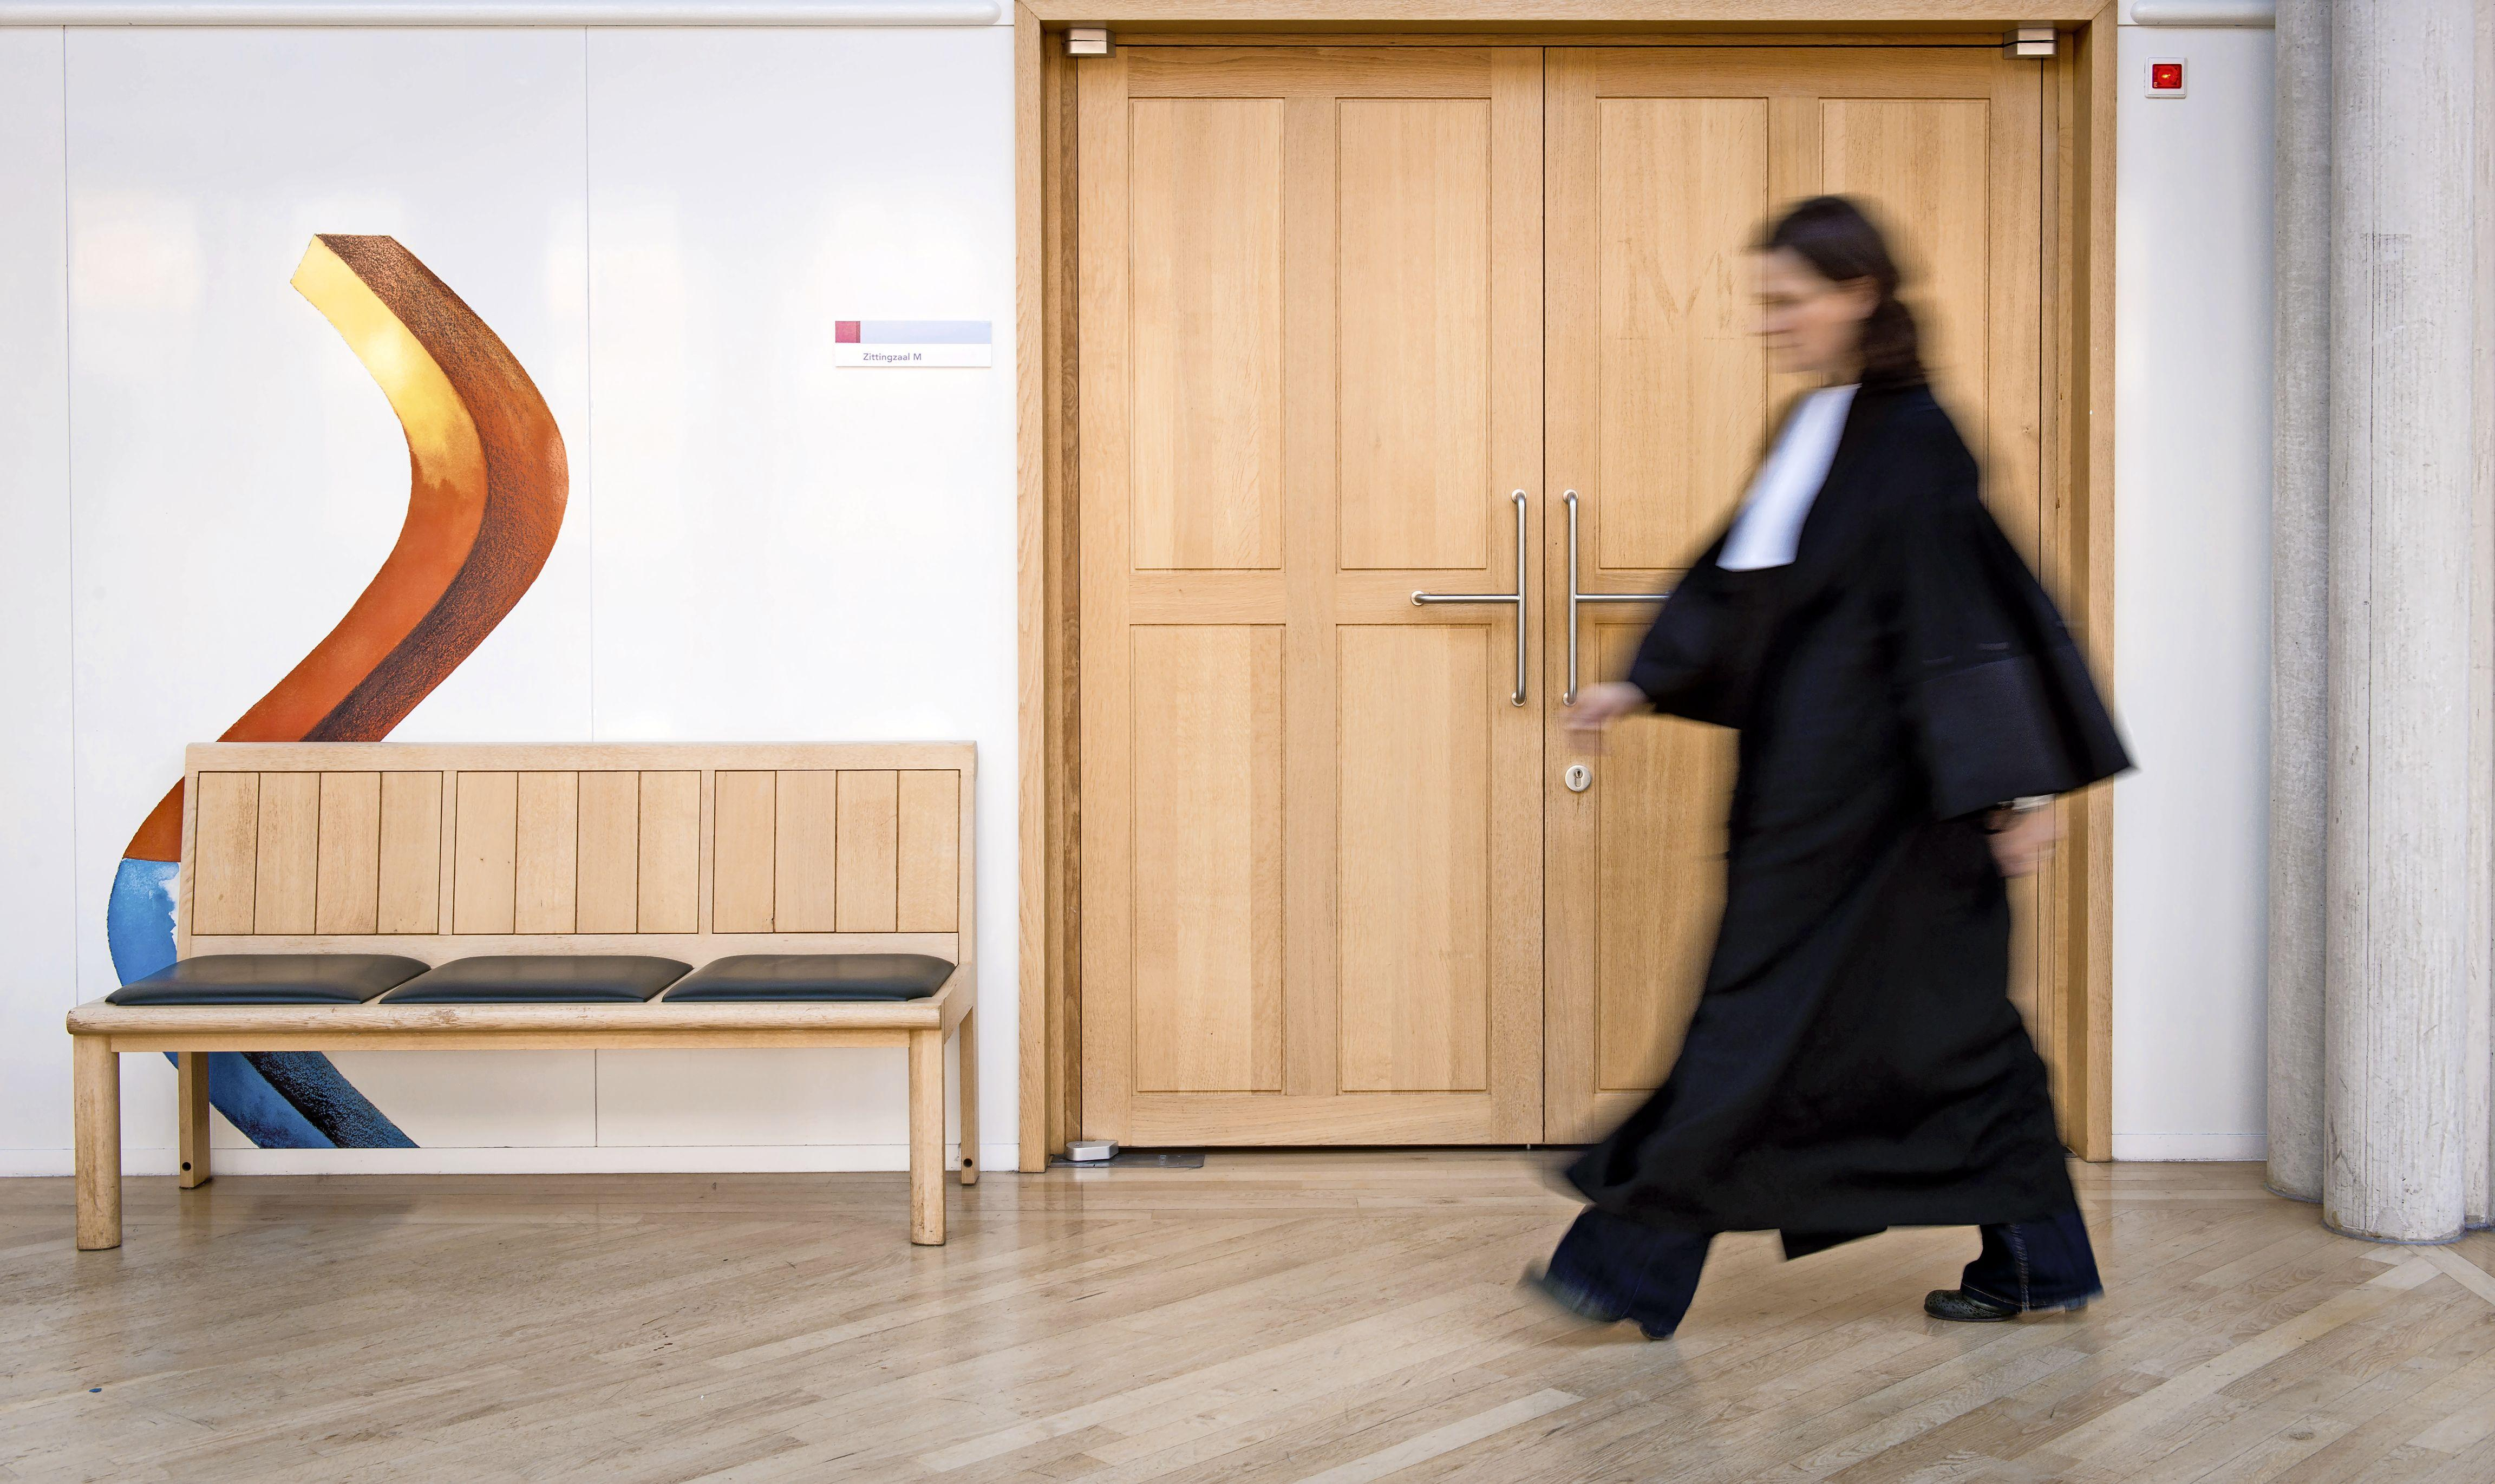 In zaak gijzeling en afpersing motorbende: 'Neef' misbruikte vrouw hoort ook 34 maanden cel eisen